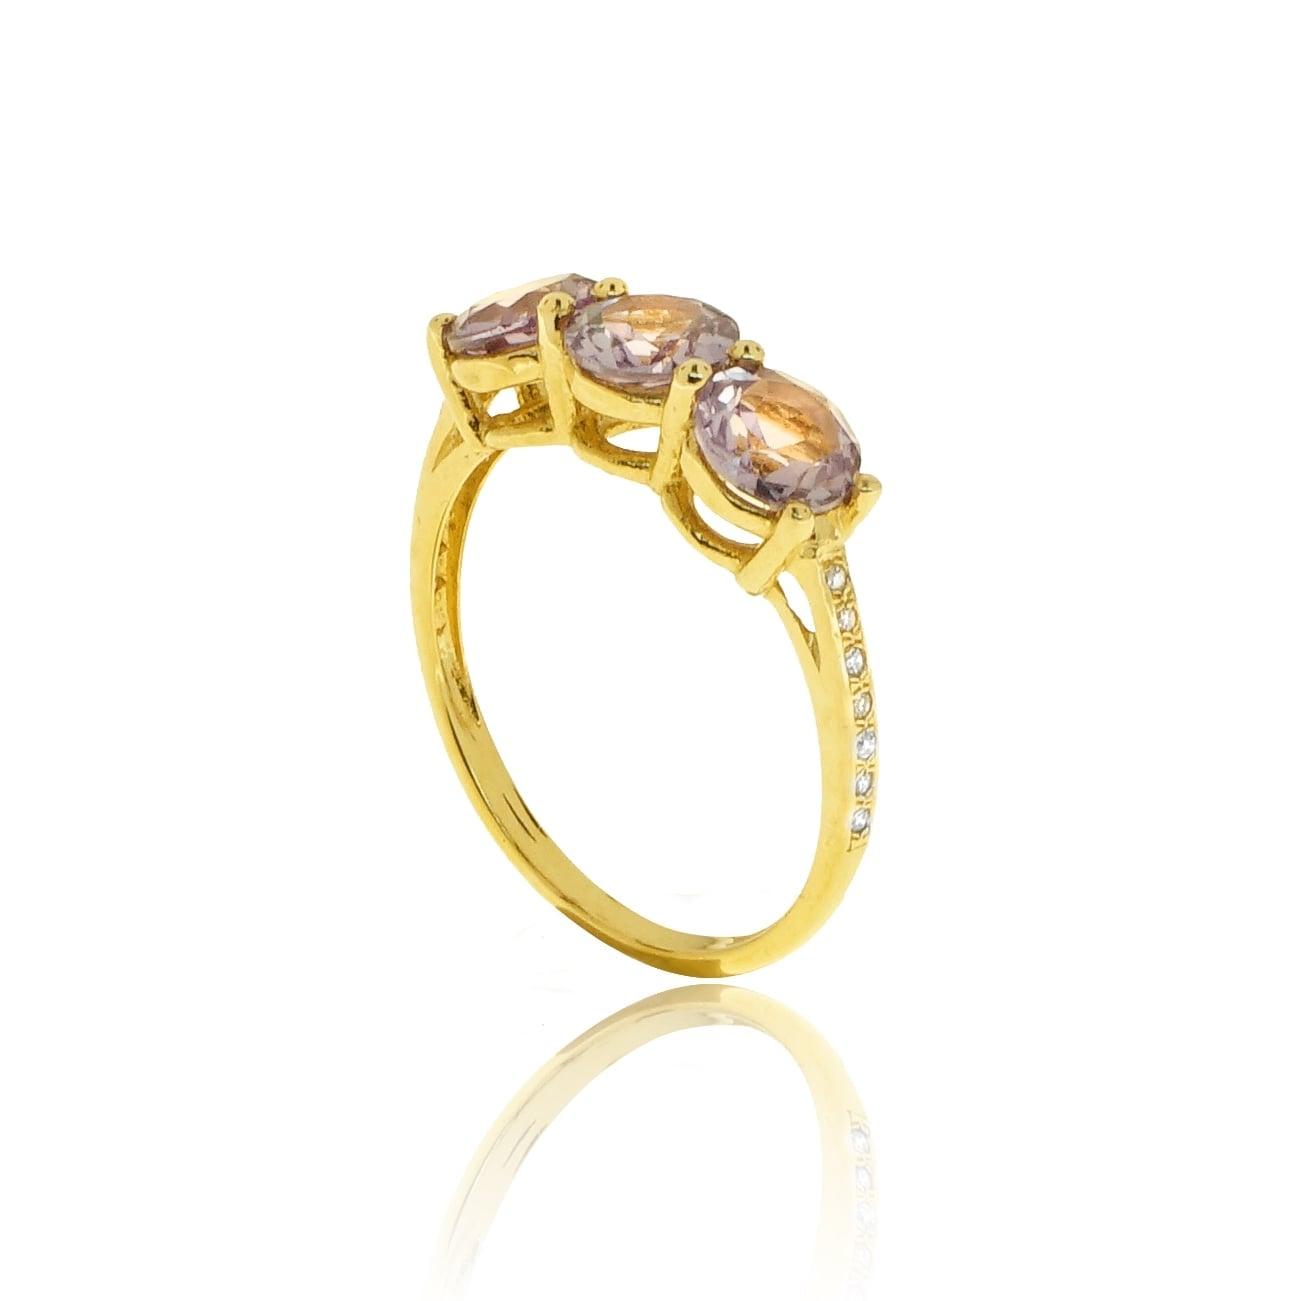 טבעת אמטיסט שלוש אבנים ויהלומים בזהב 14 קרט